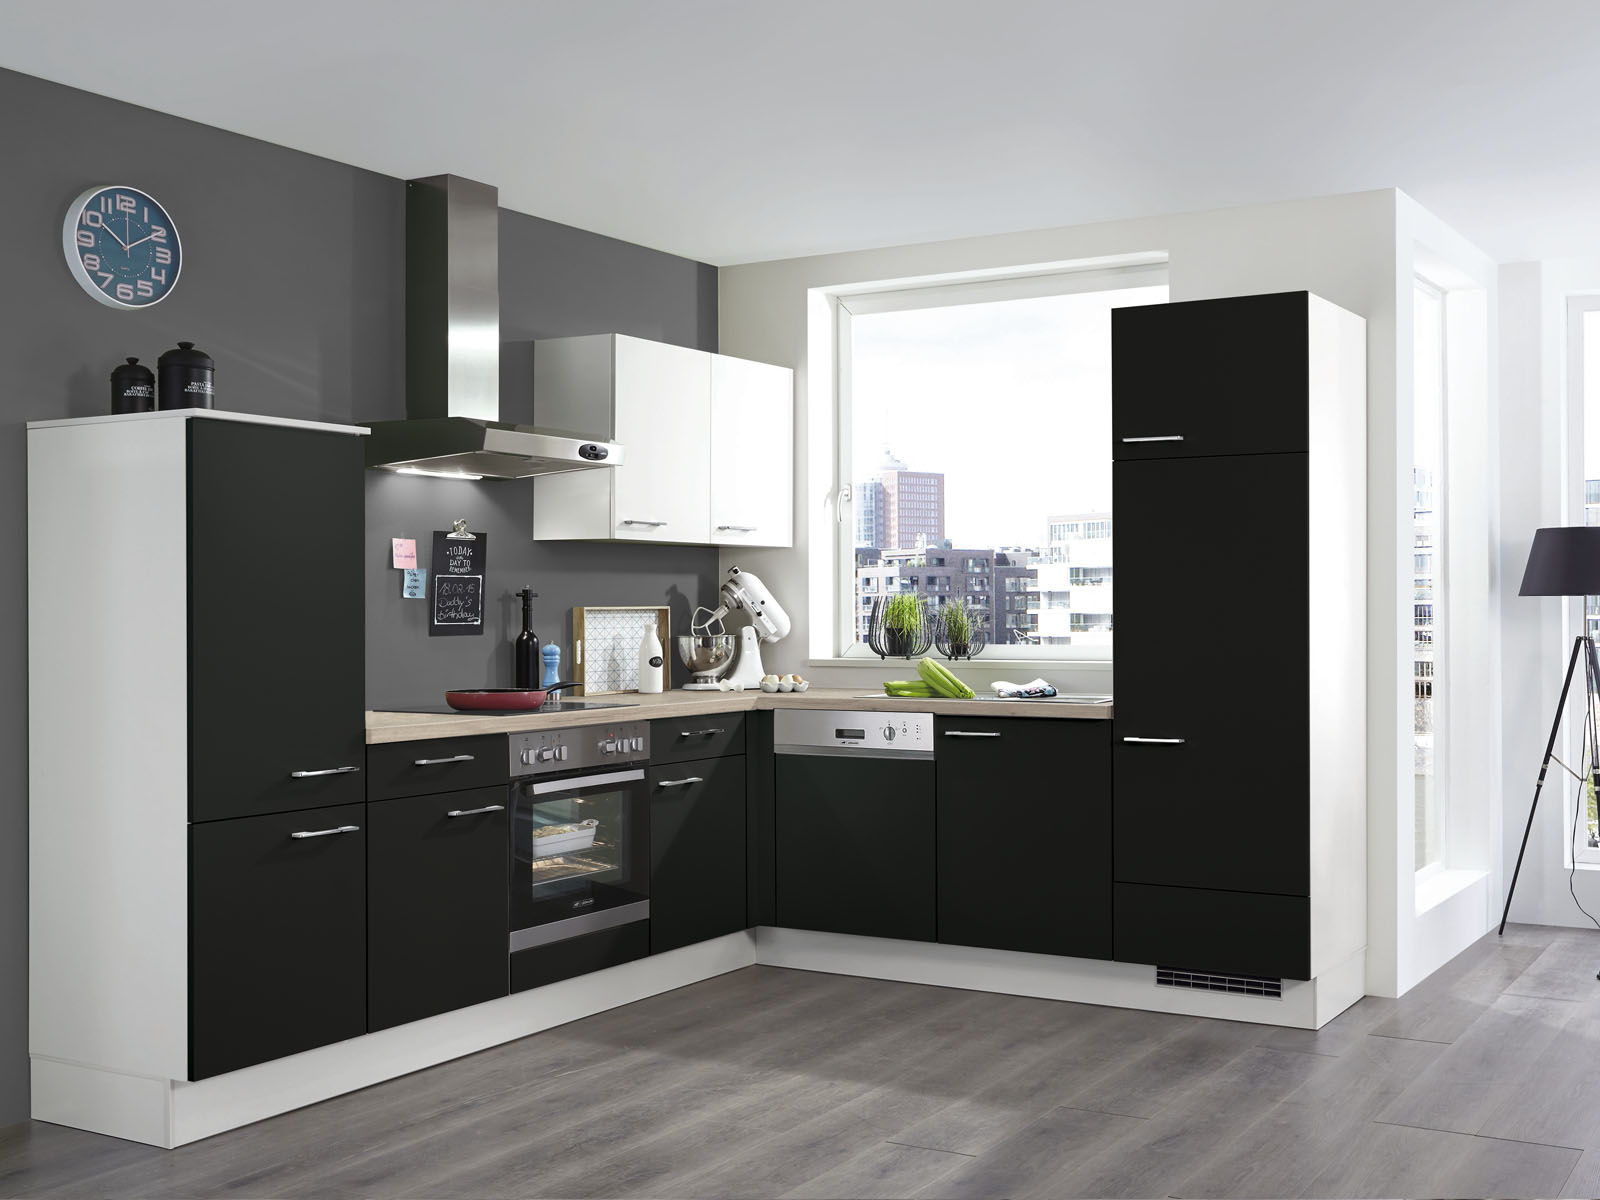 Modern Kitchen Küchentime Touch 340